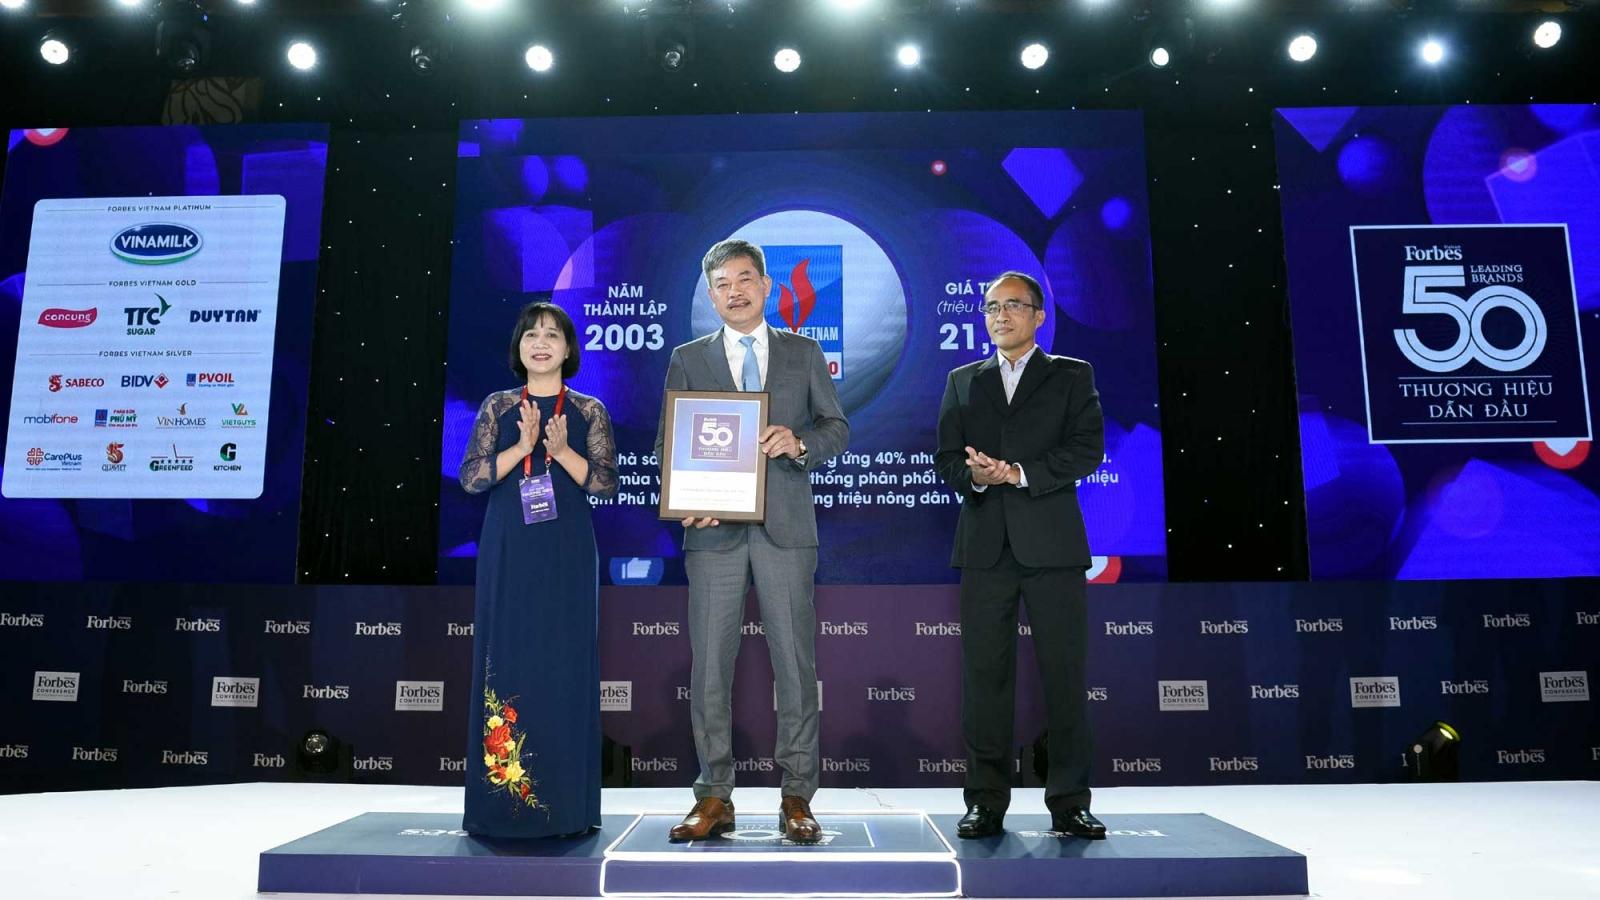 PVFCCo tiếp tục nằm trong Top 50 thương hiệu dẫn đầu Việt Nam